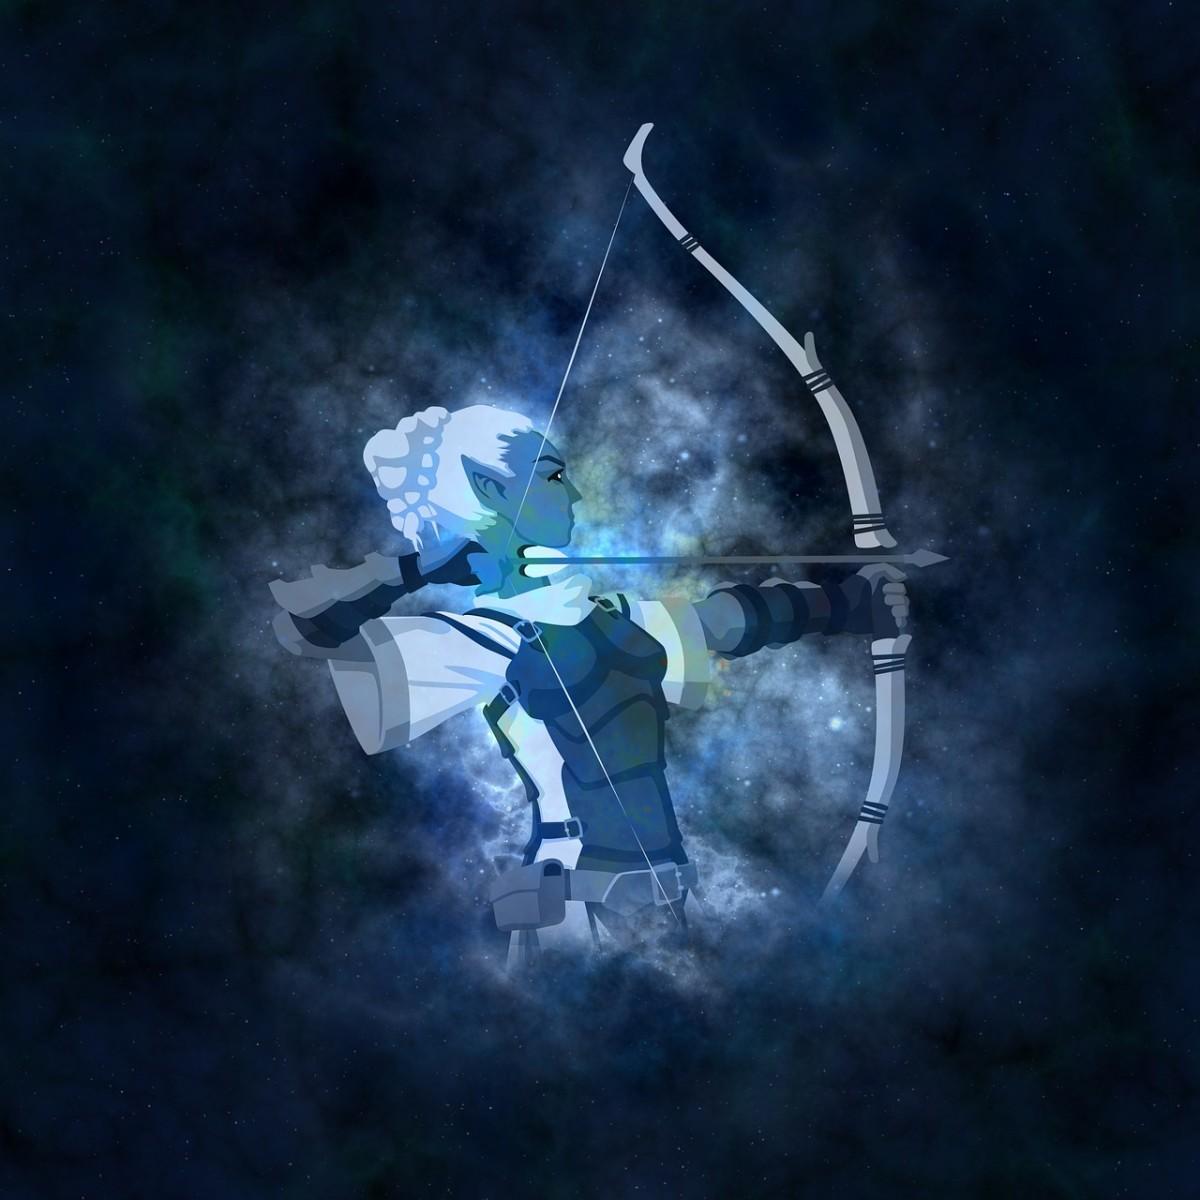 Sagittarius, a Free Spirit